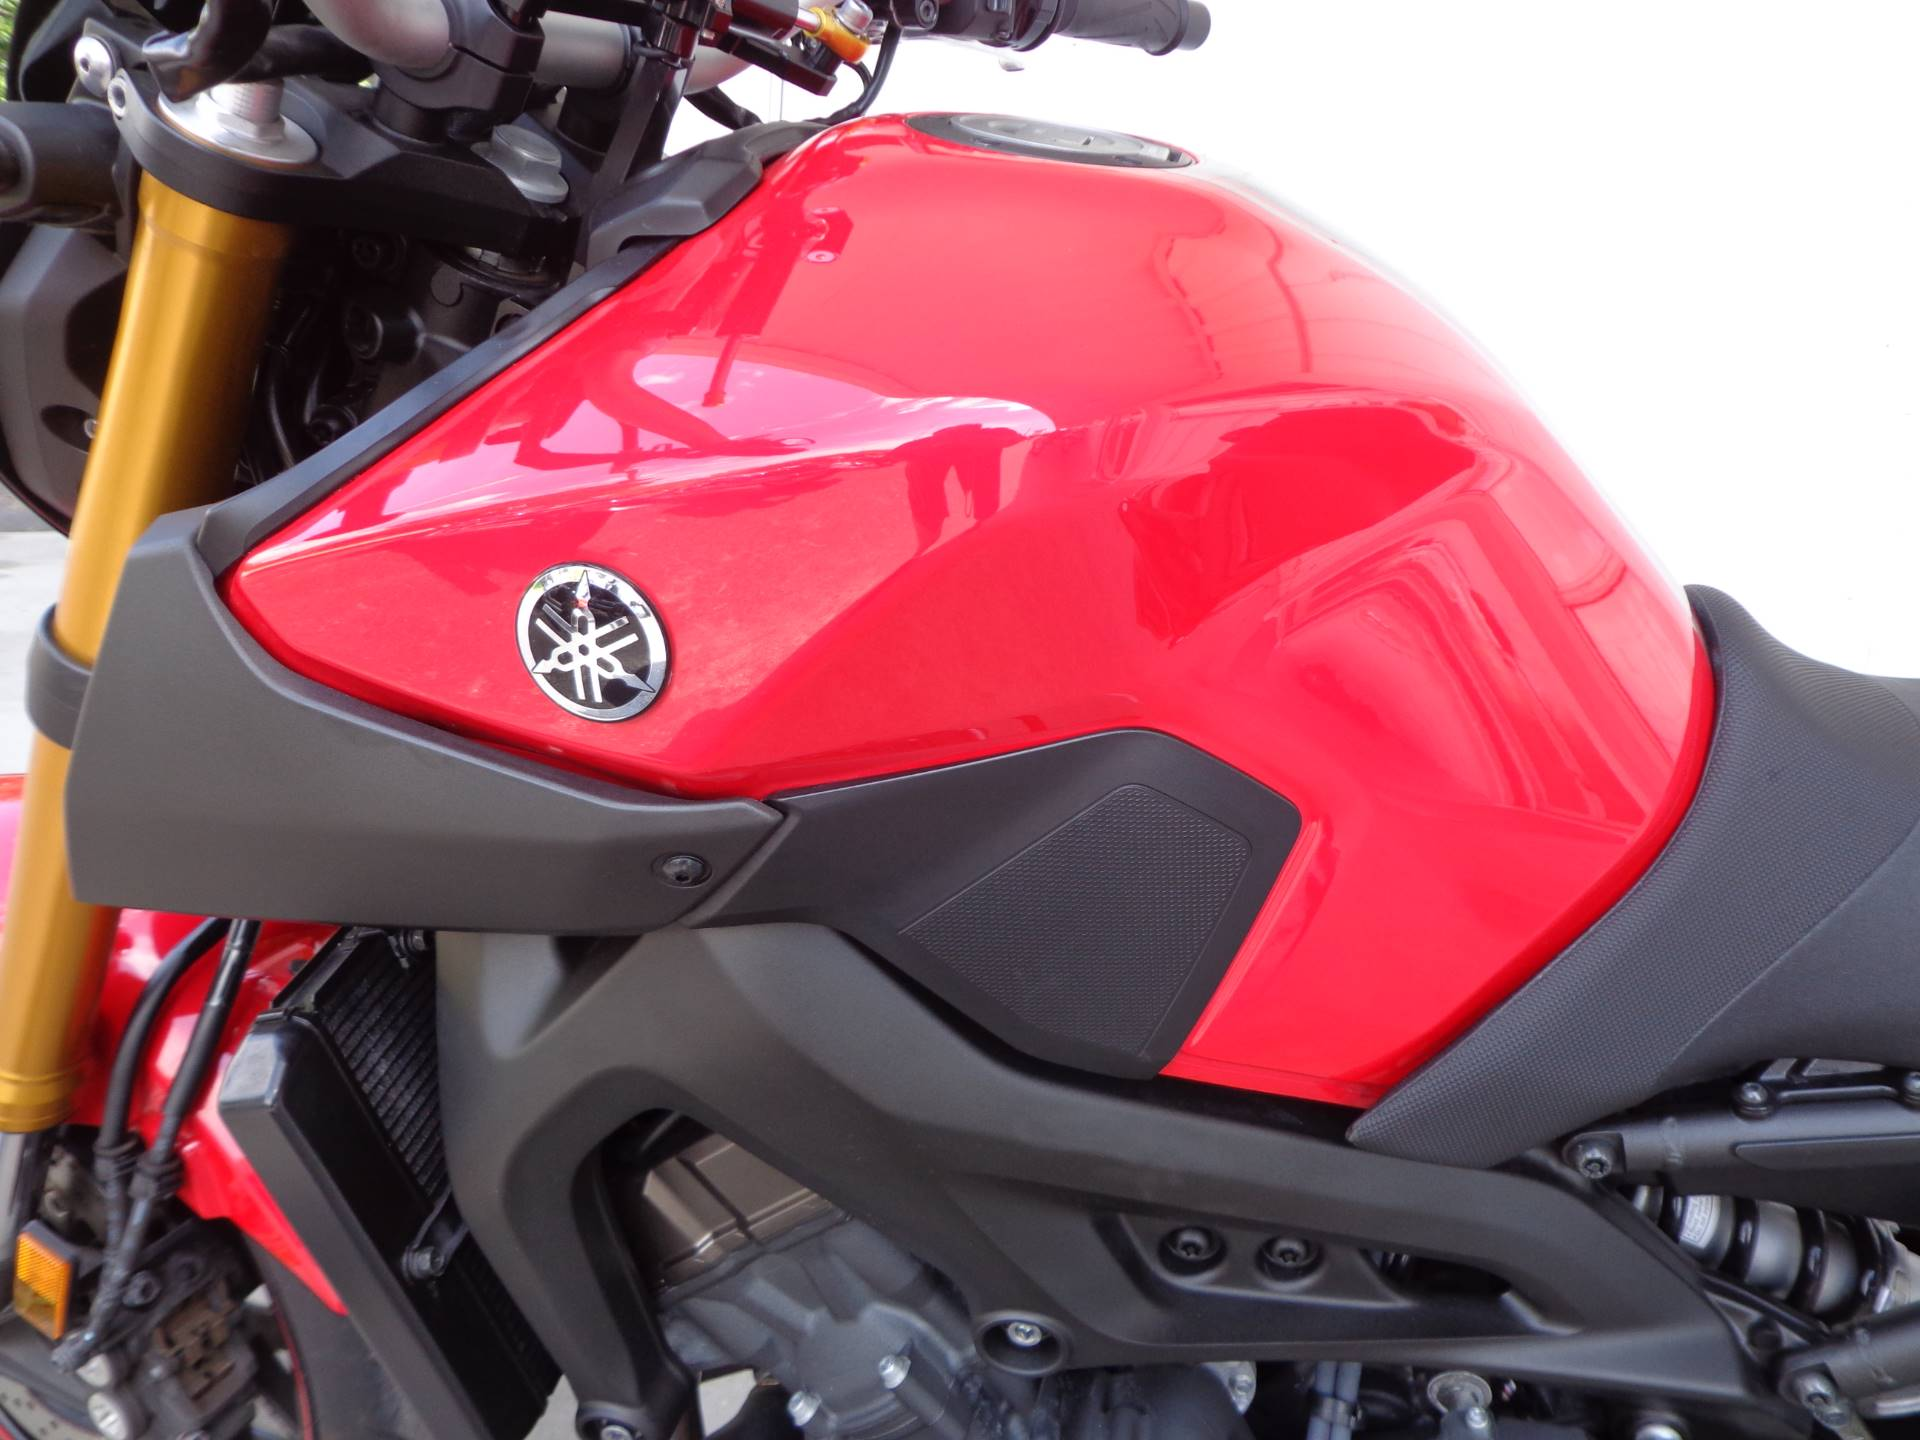 2014 Yamaha FZ-09 8